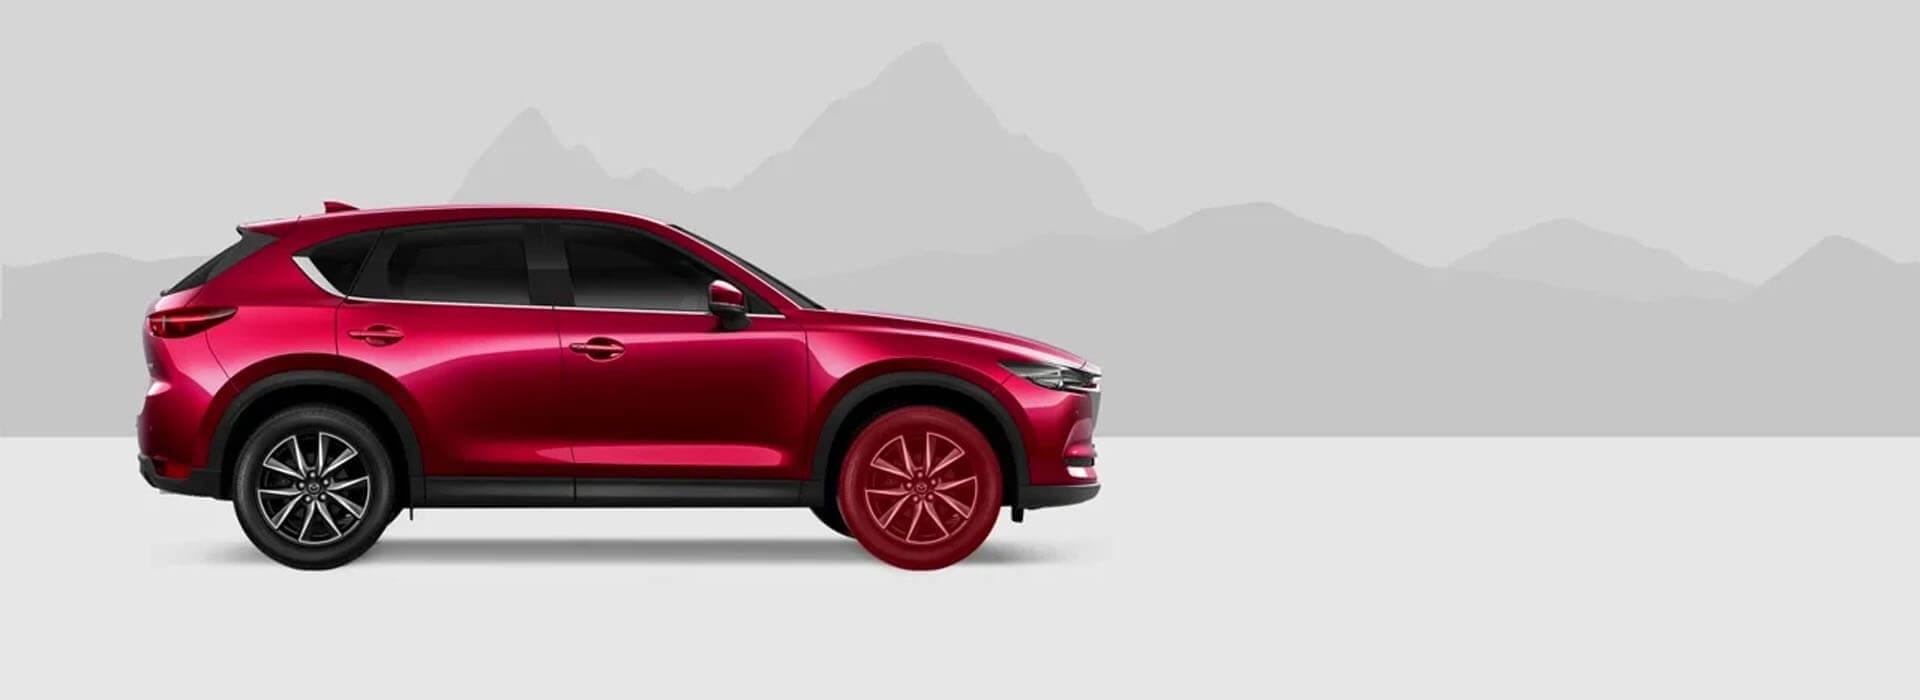 Mazda CX-5 Stability